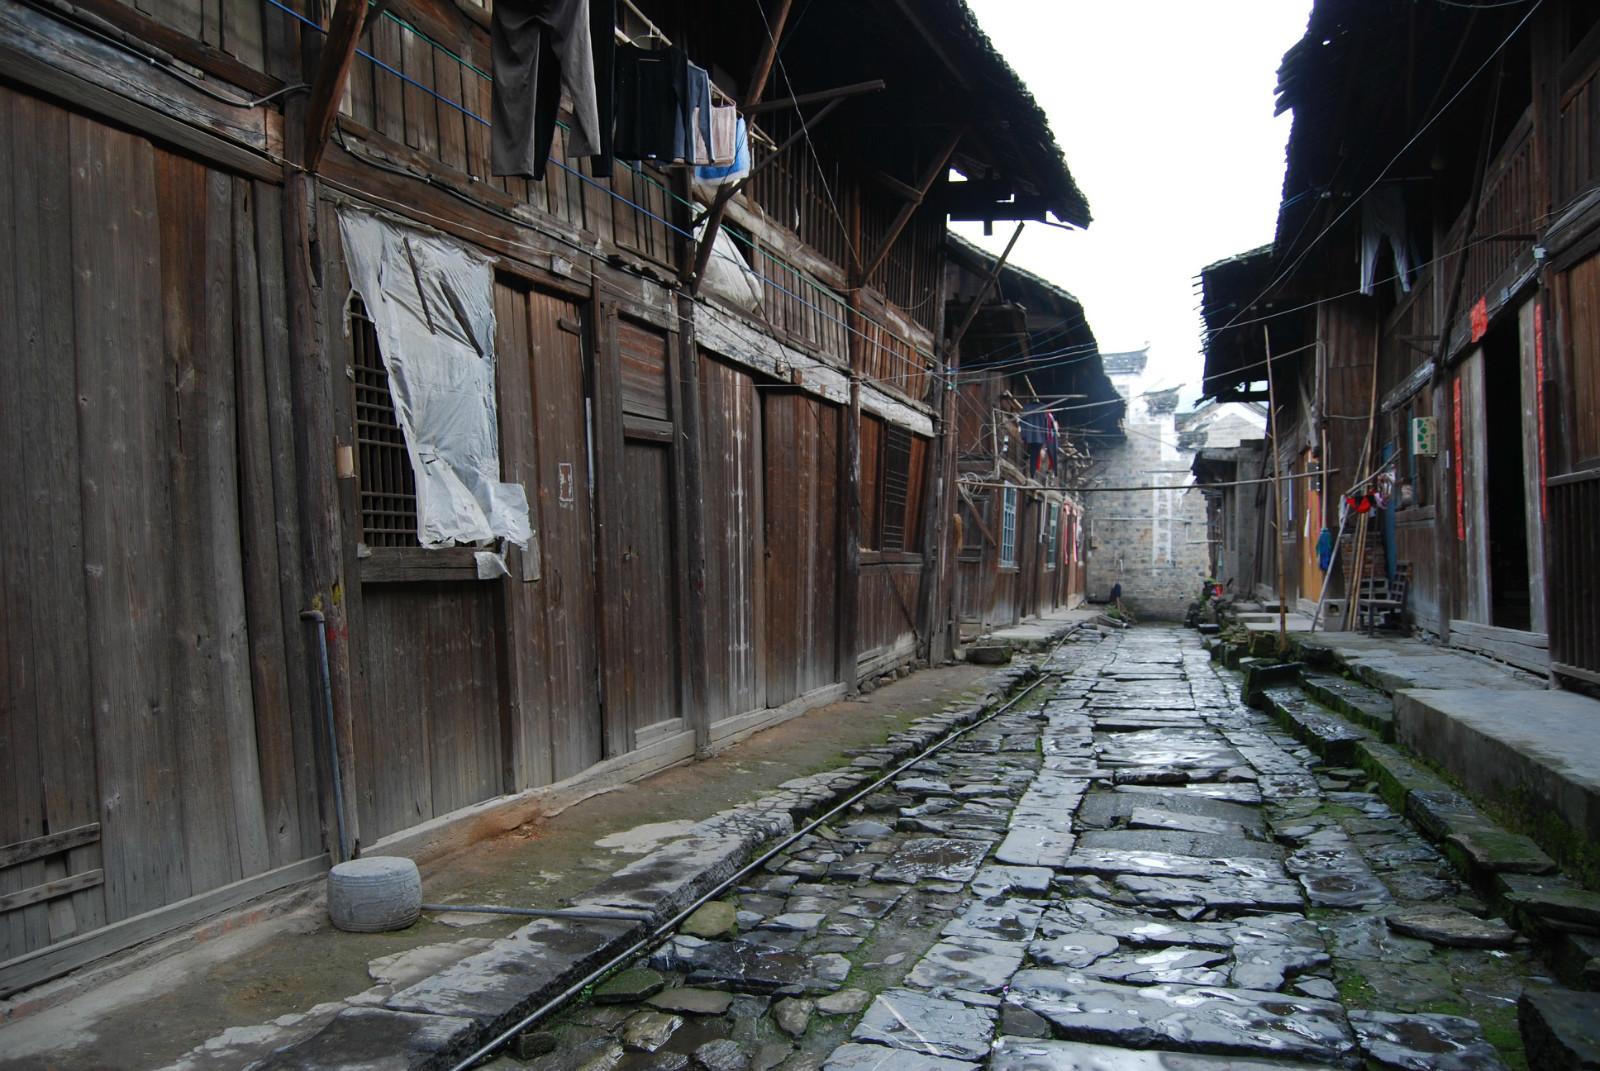 安化有7个村落被列入中国传统村落保护名录